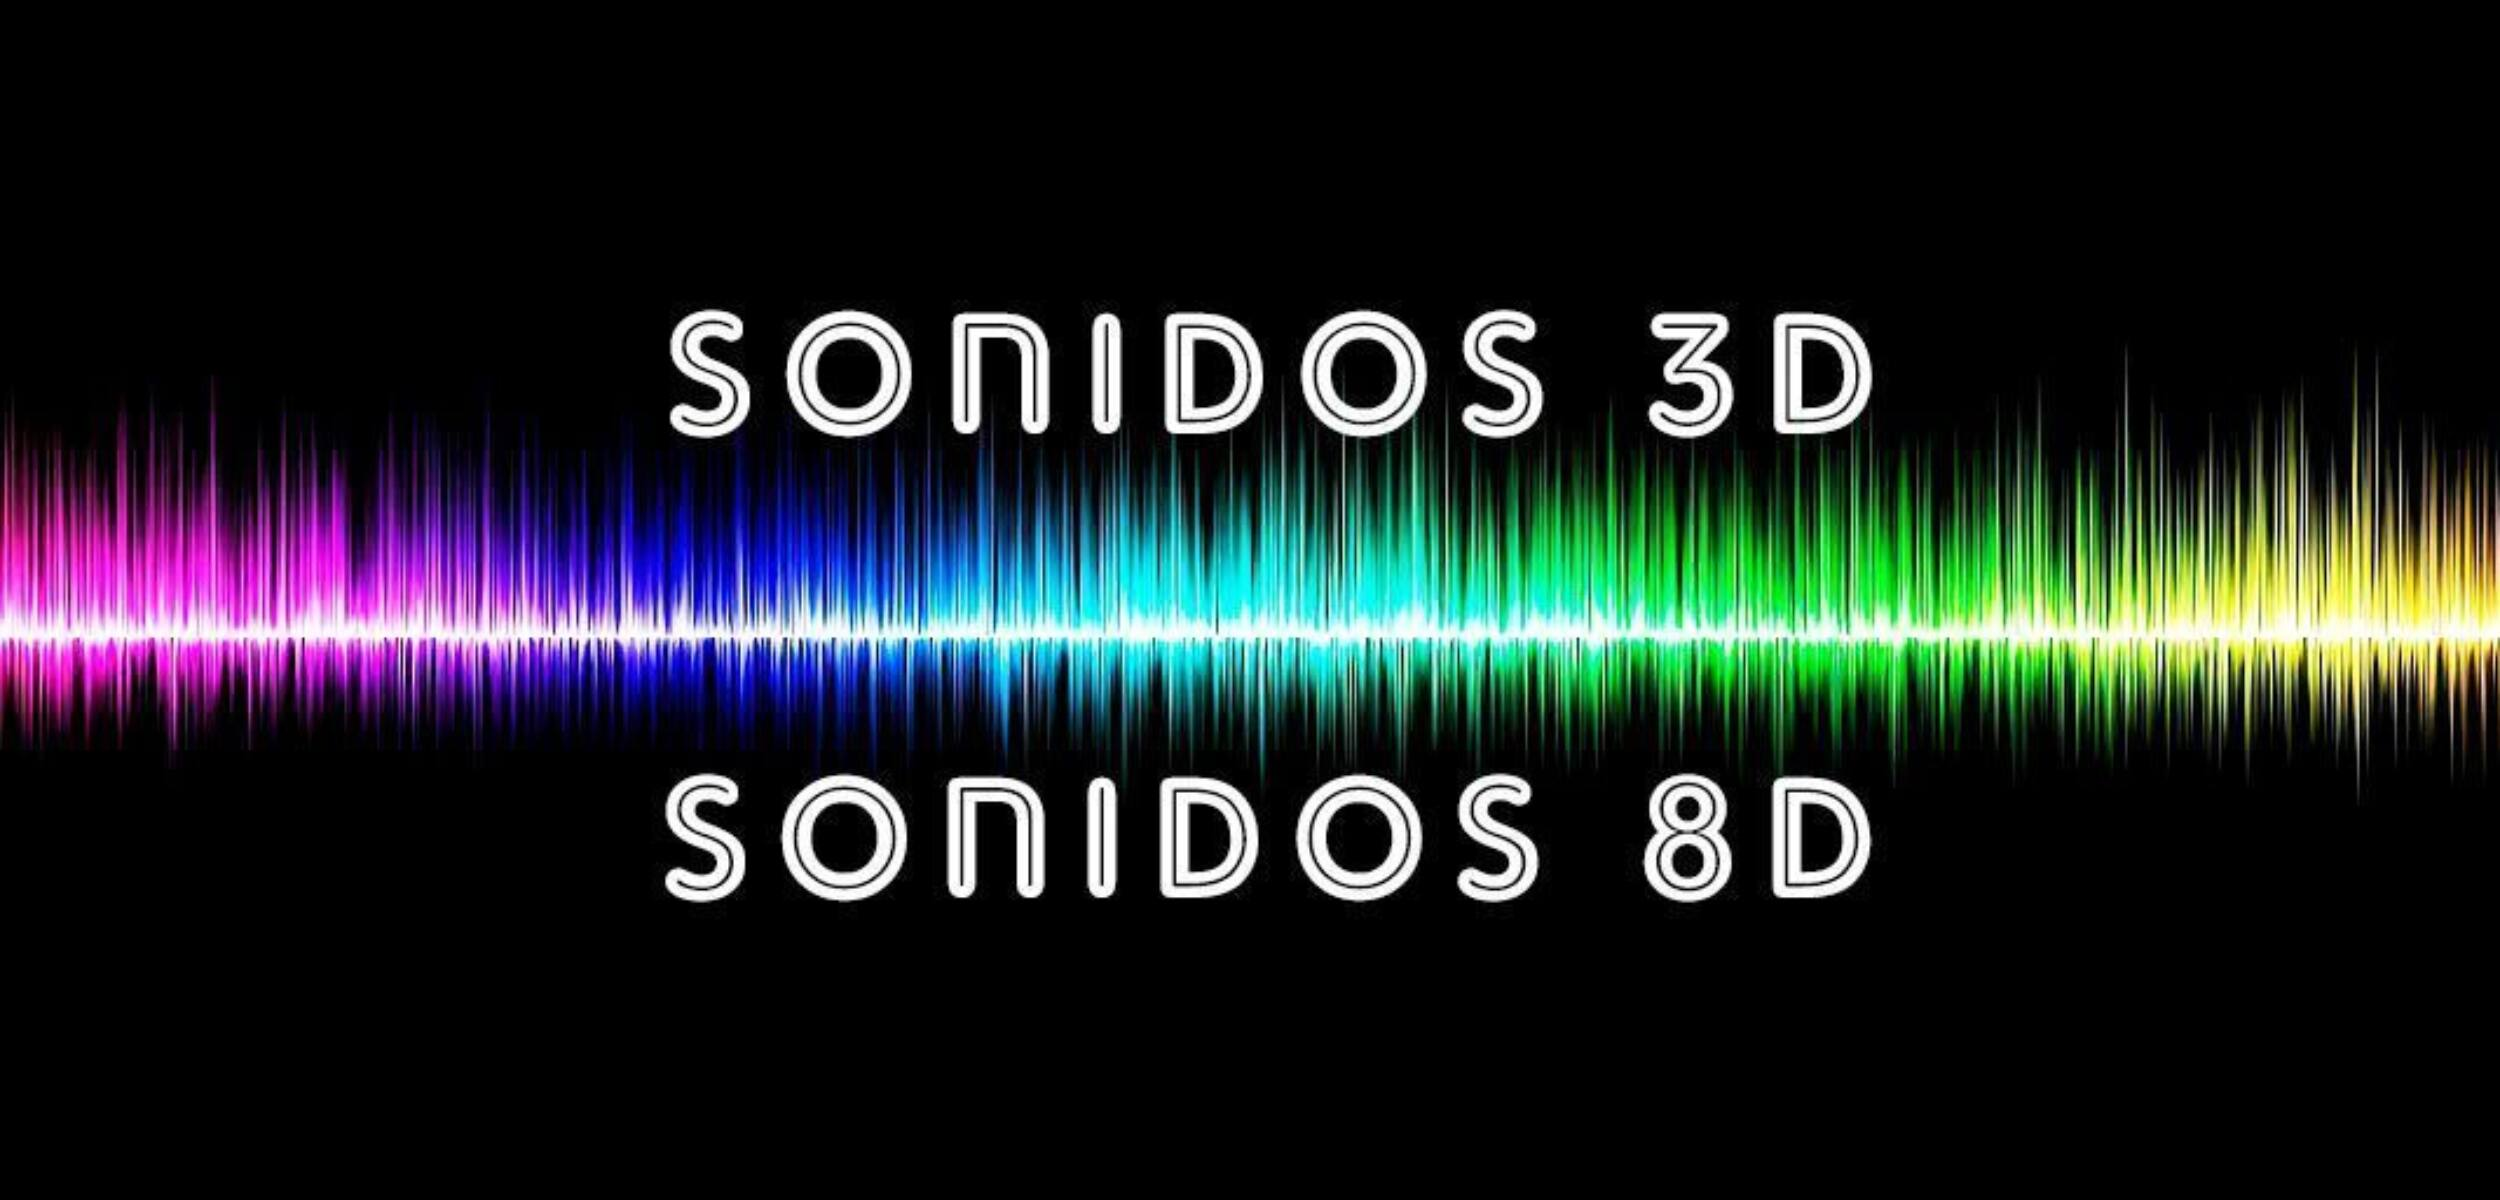 Sonidos en 3D Y 8D